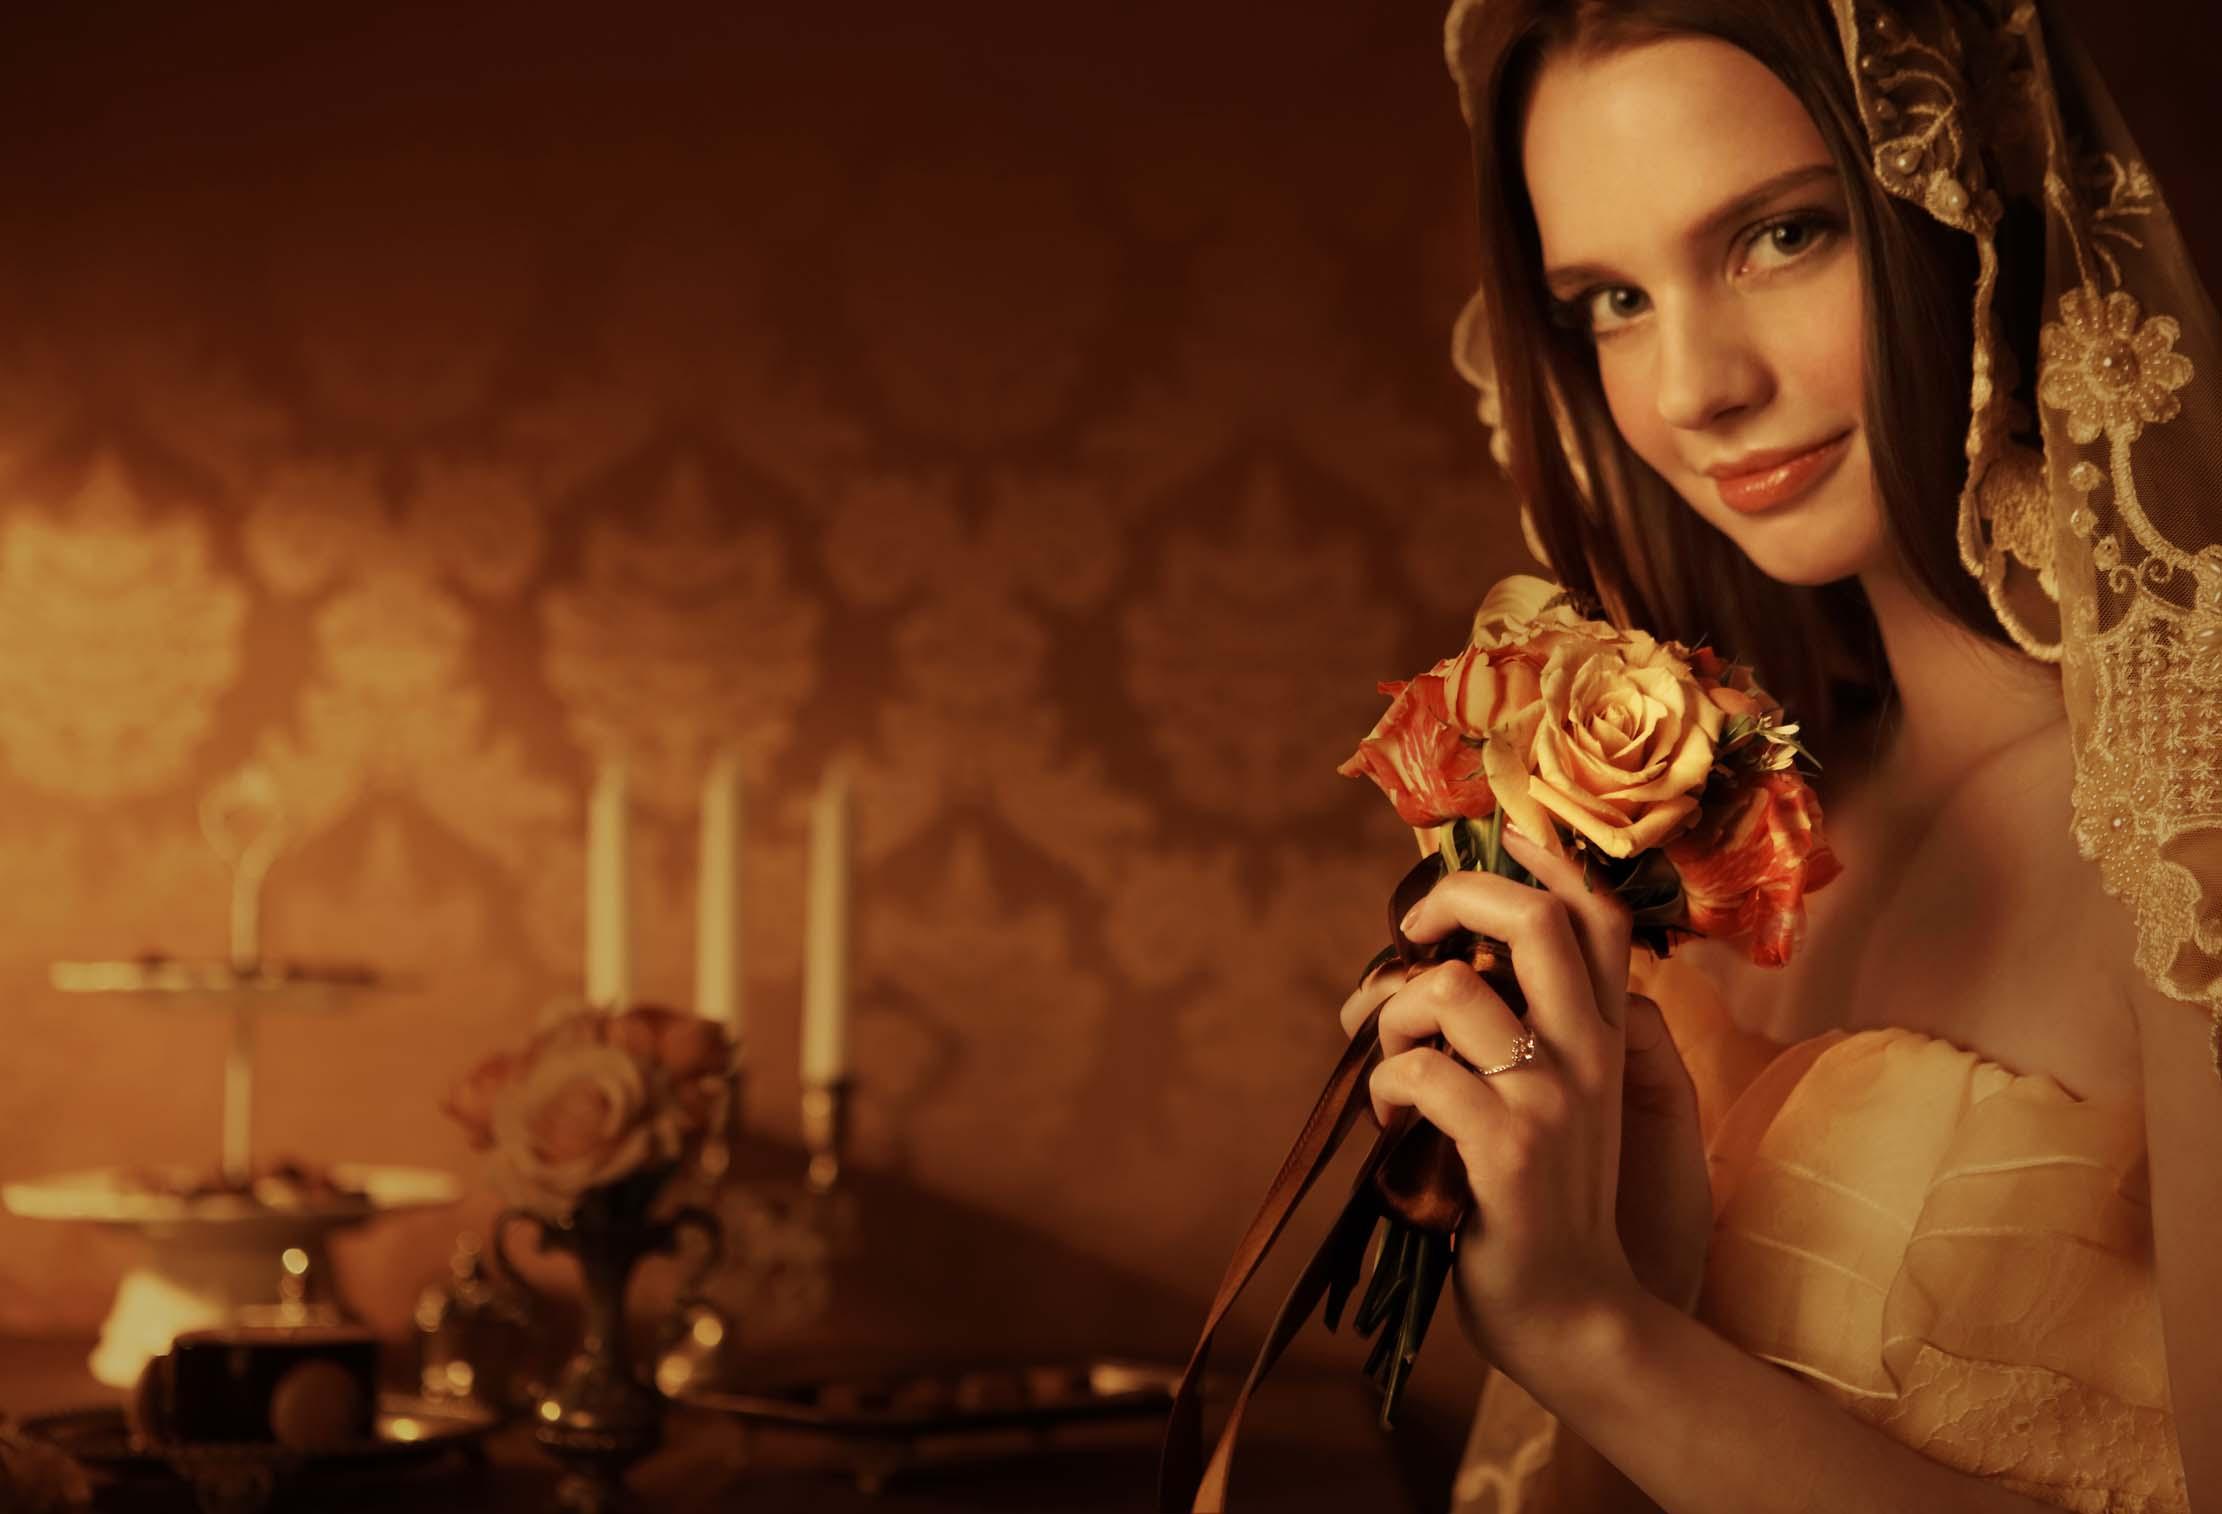 【静岡市】薬指で甘く光る♥『PAVEO CHOCOLAT』パヴェオショコラの婚約指輪が素敵!